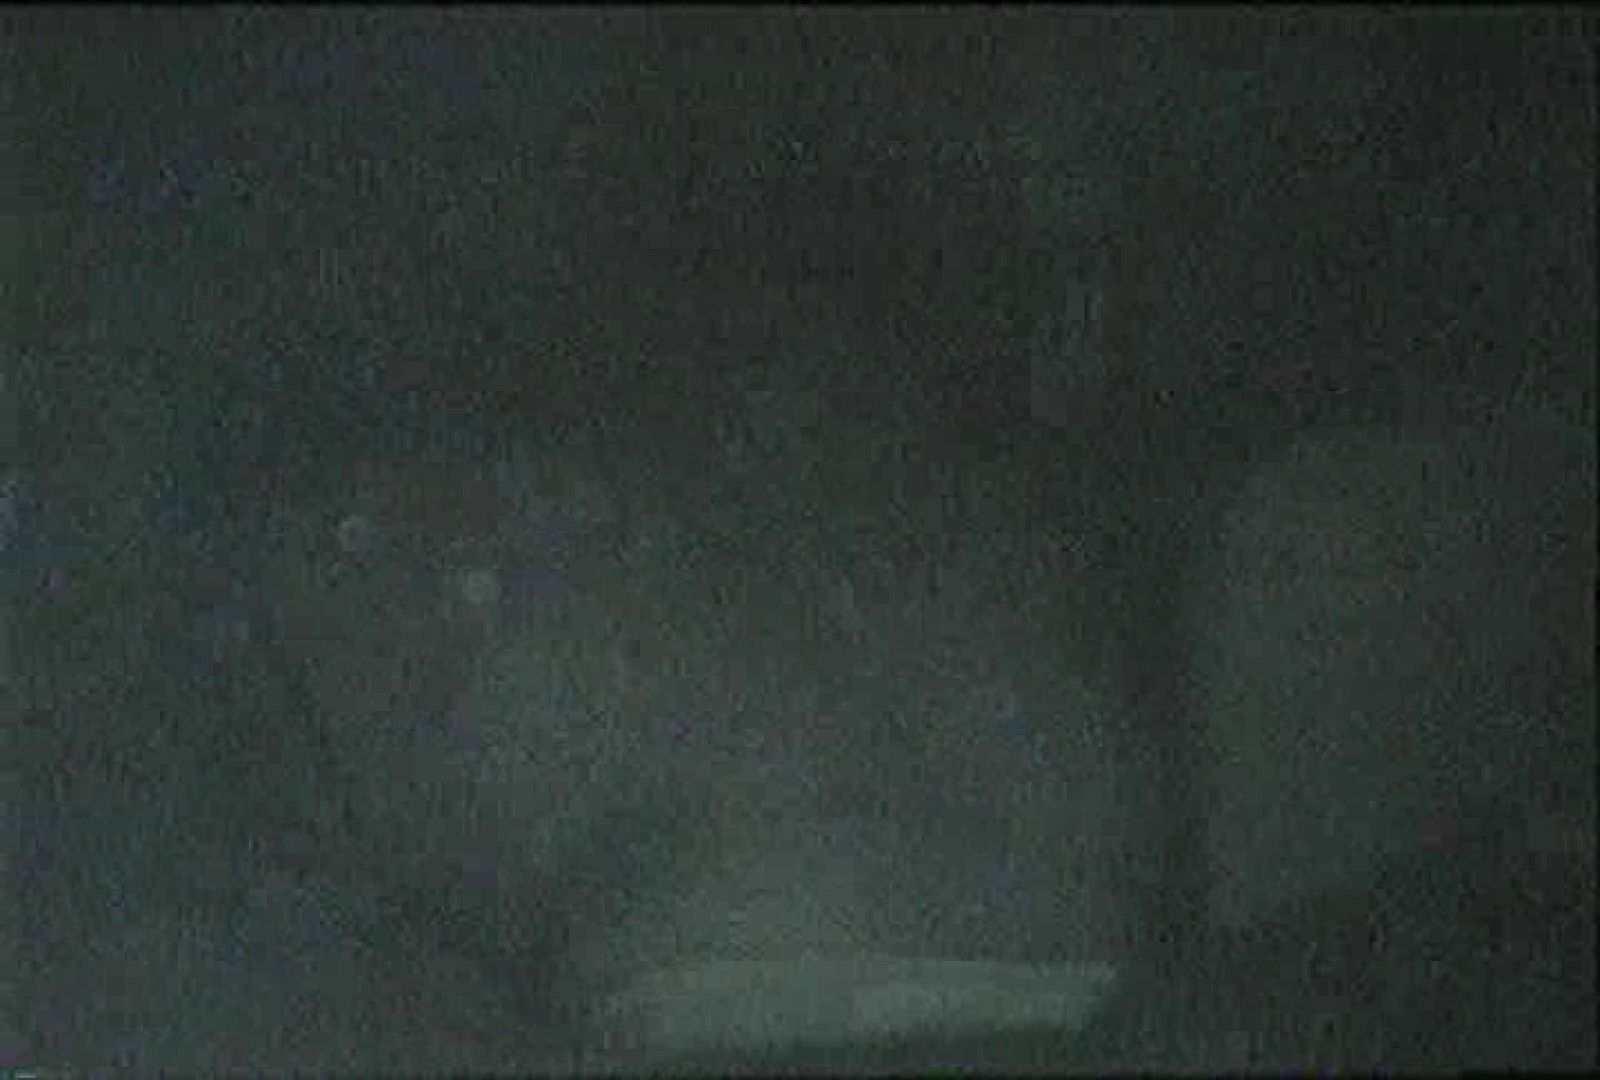 充血監督の深夜の運動会Vol.78 OLセックス | カップル  72画像 35